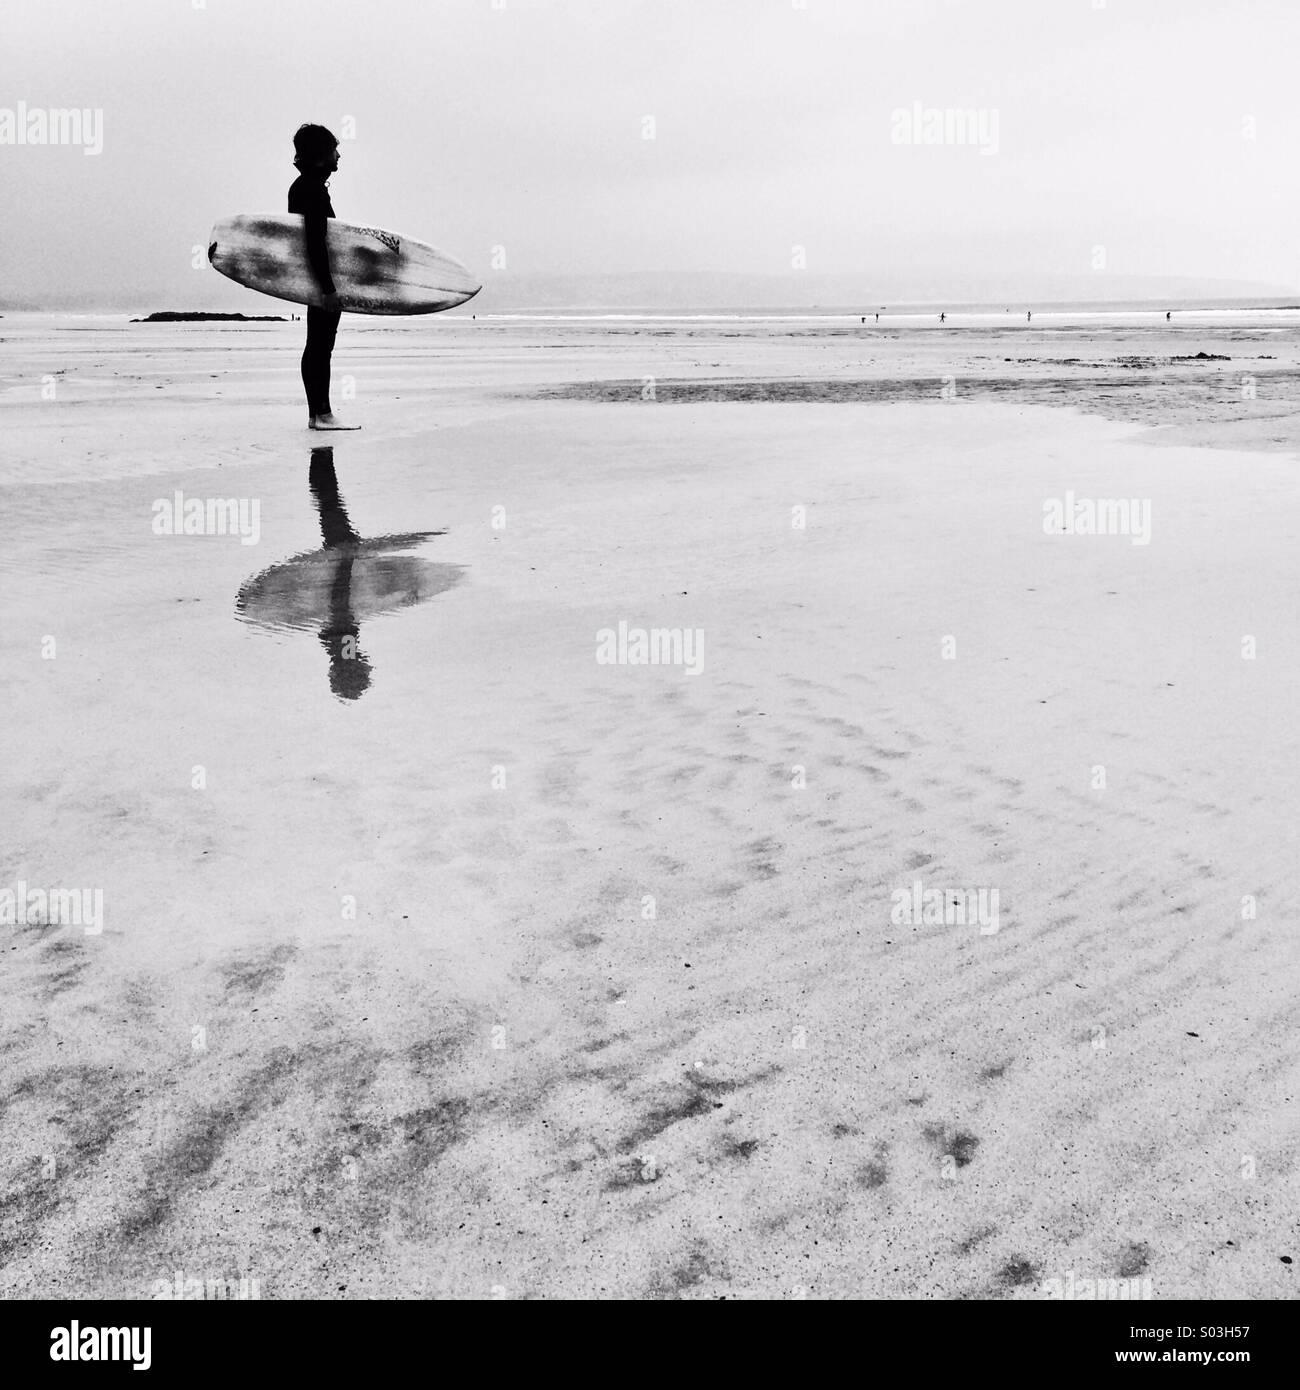 Surfer controllare le onde in inverno al primo semaforo. Immagini Stock